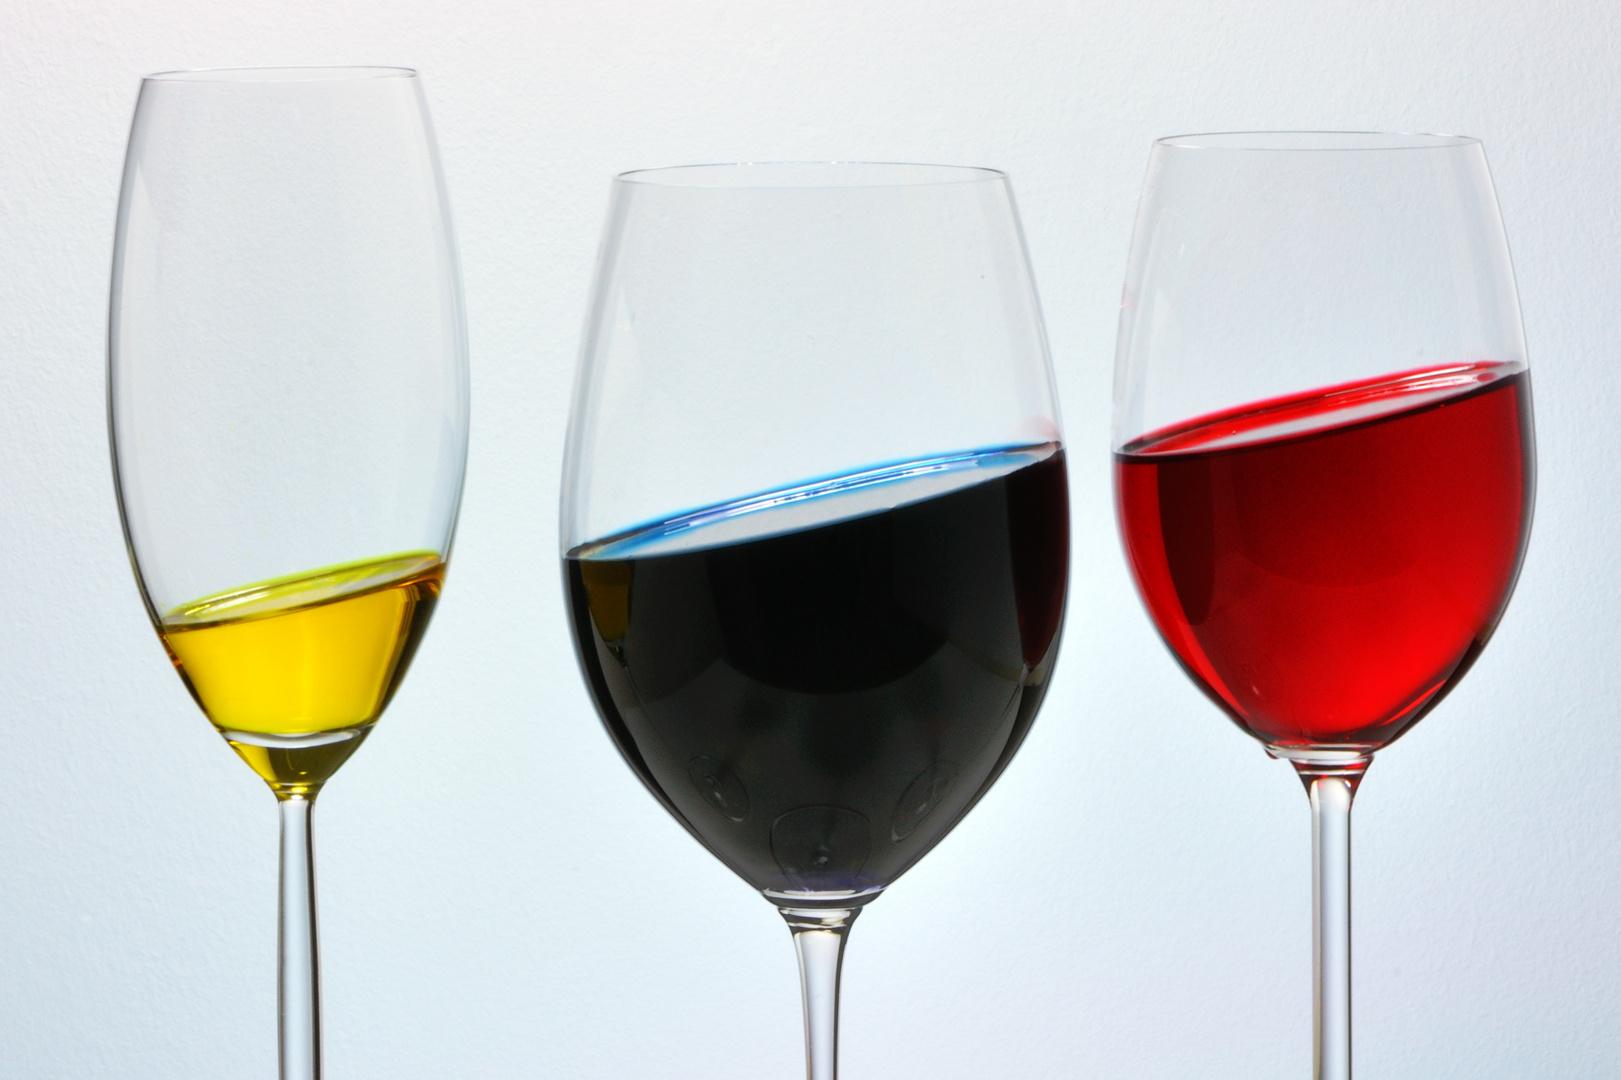 Weinglässer